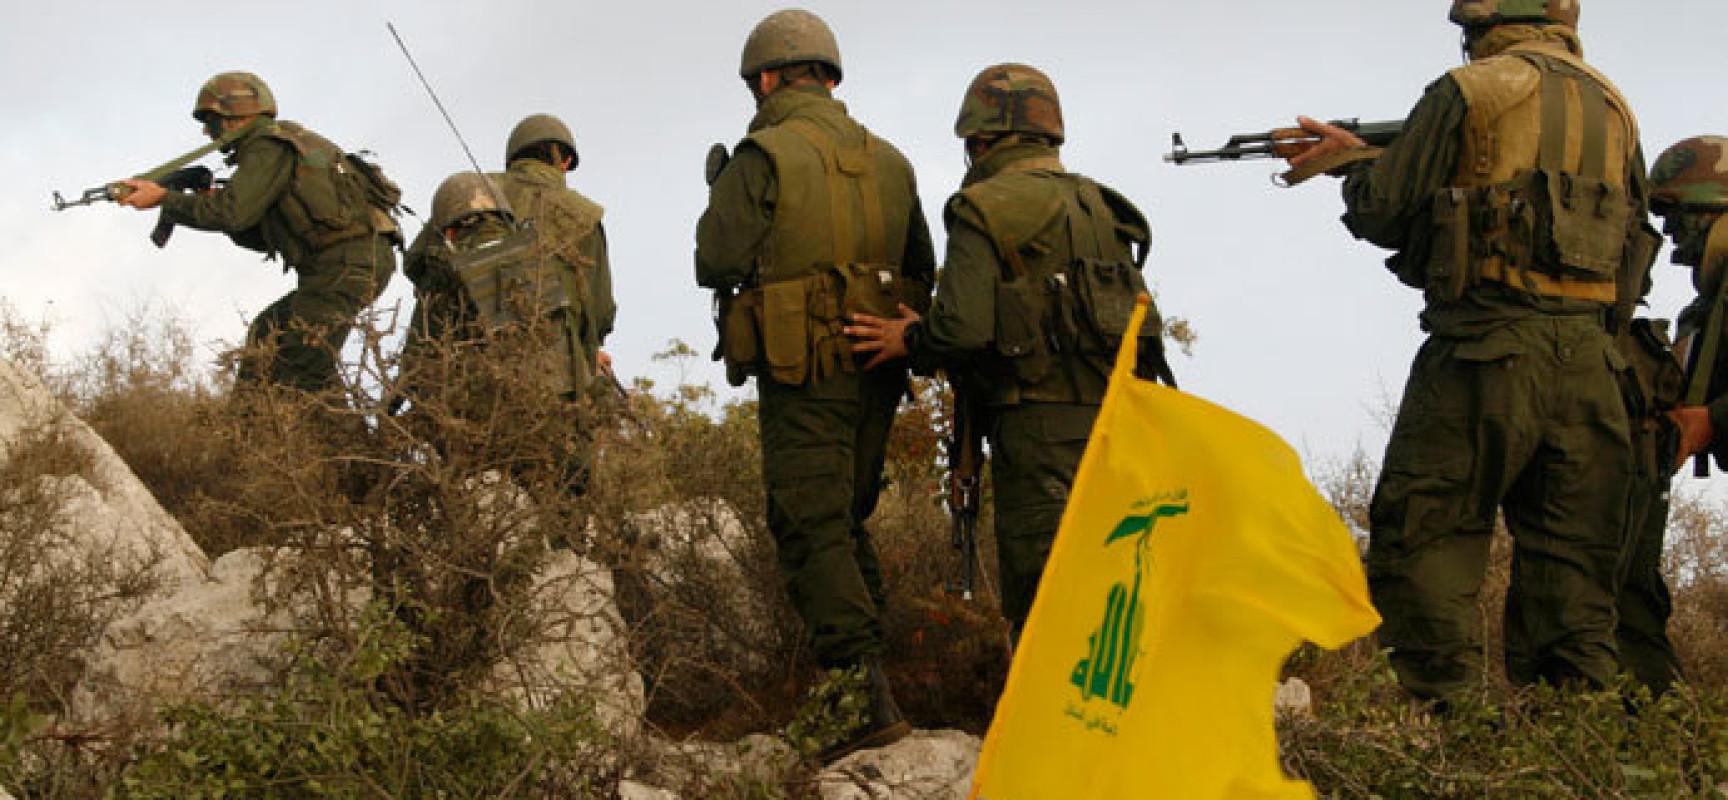 صورة حزب الله يفاوض تنظيم الدولة..ما دور الجيش اللبناني؟